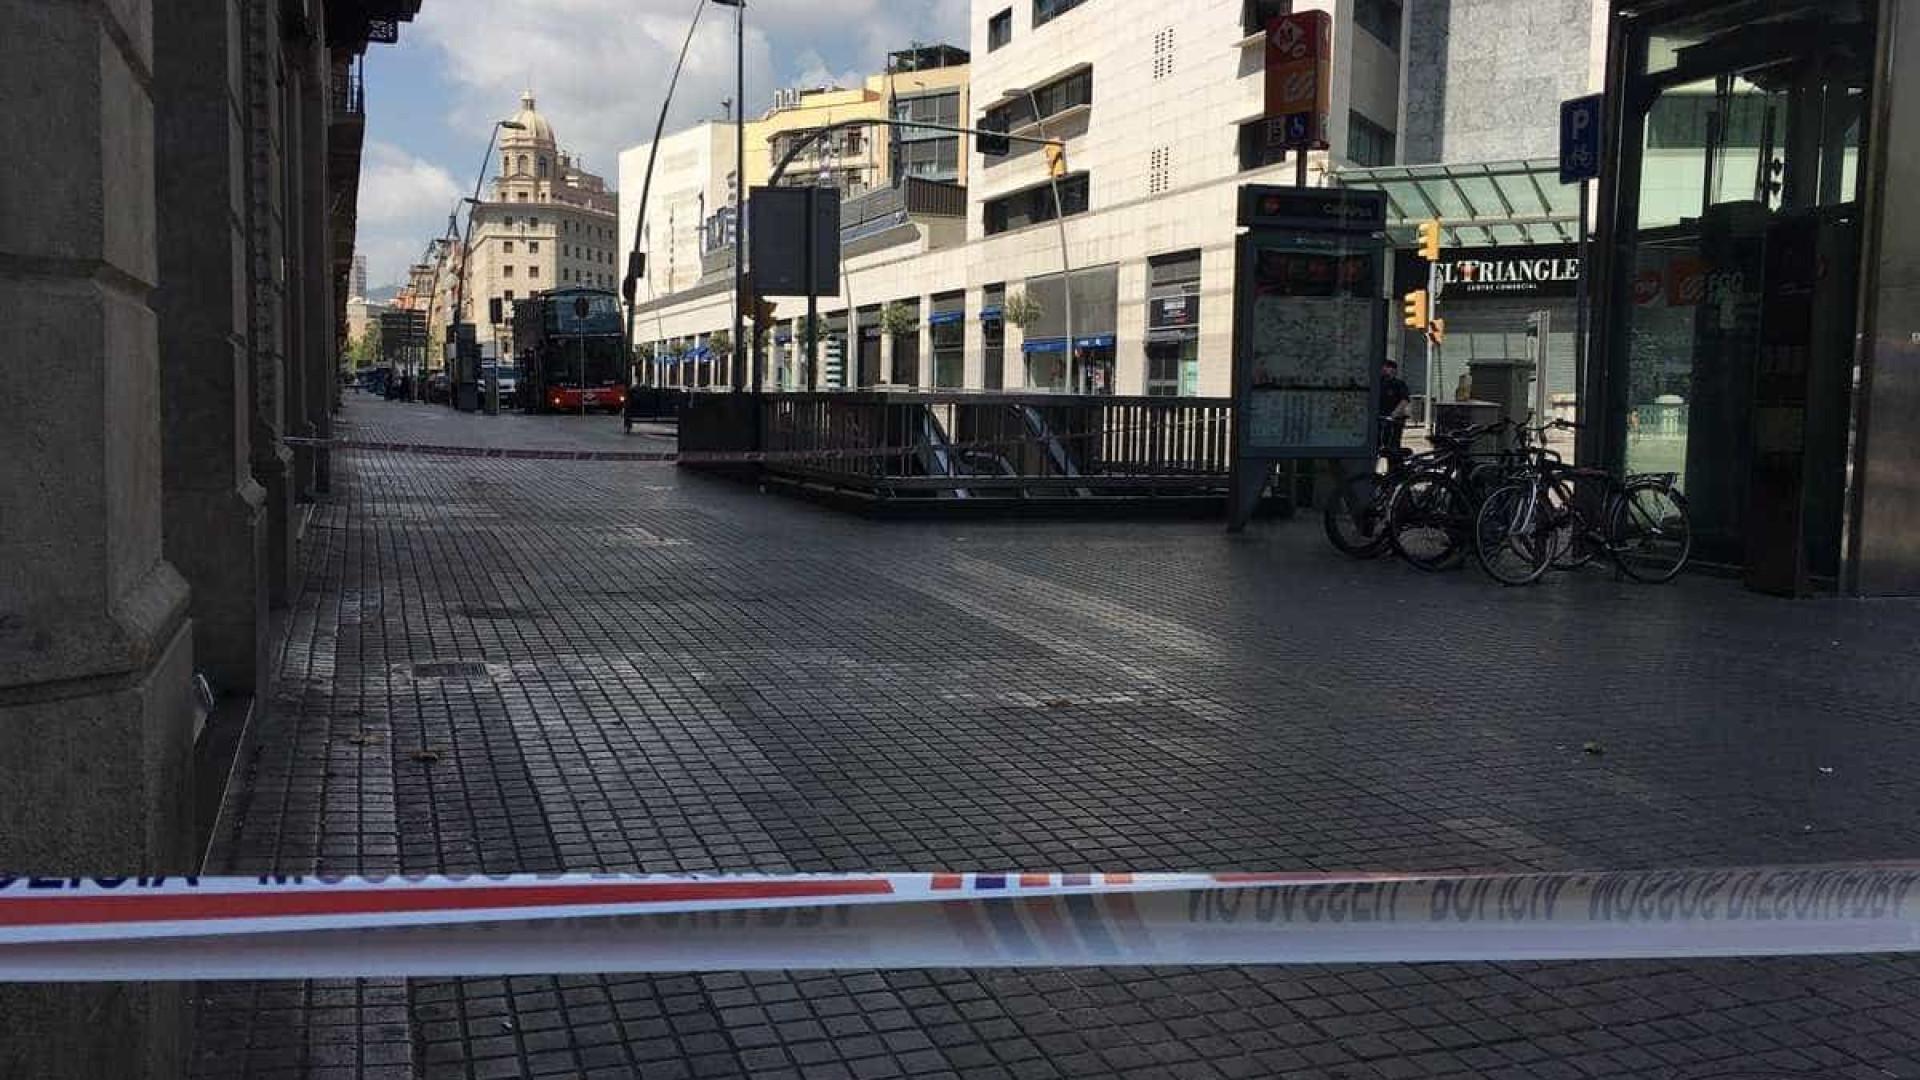 Polícia catalã evacua as Ramblas. Mochila suspeita lançou falso alarme